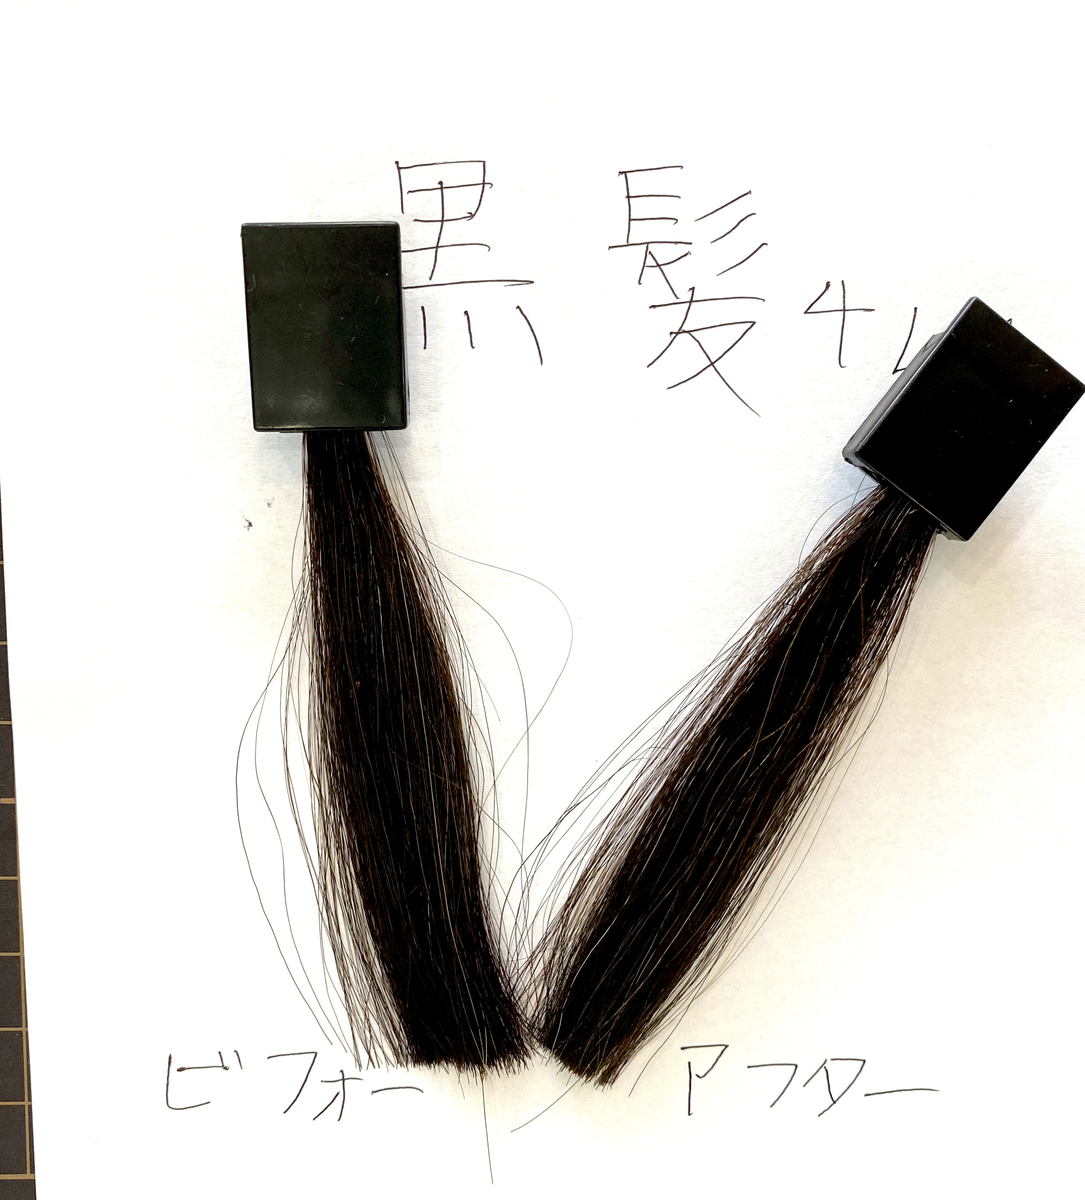 画面左が黒髪で画面右が黒髪にアッシュミルクティーで染めた仕上がり